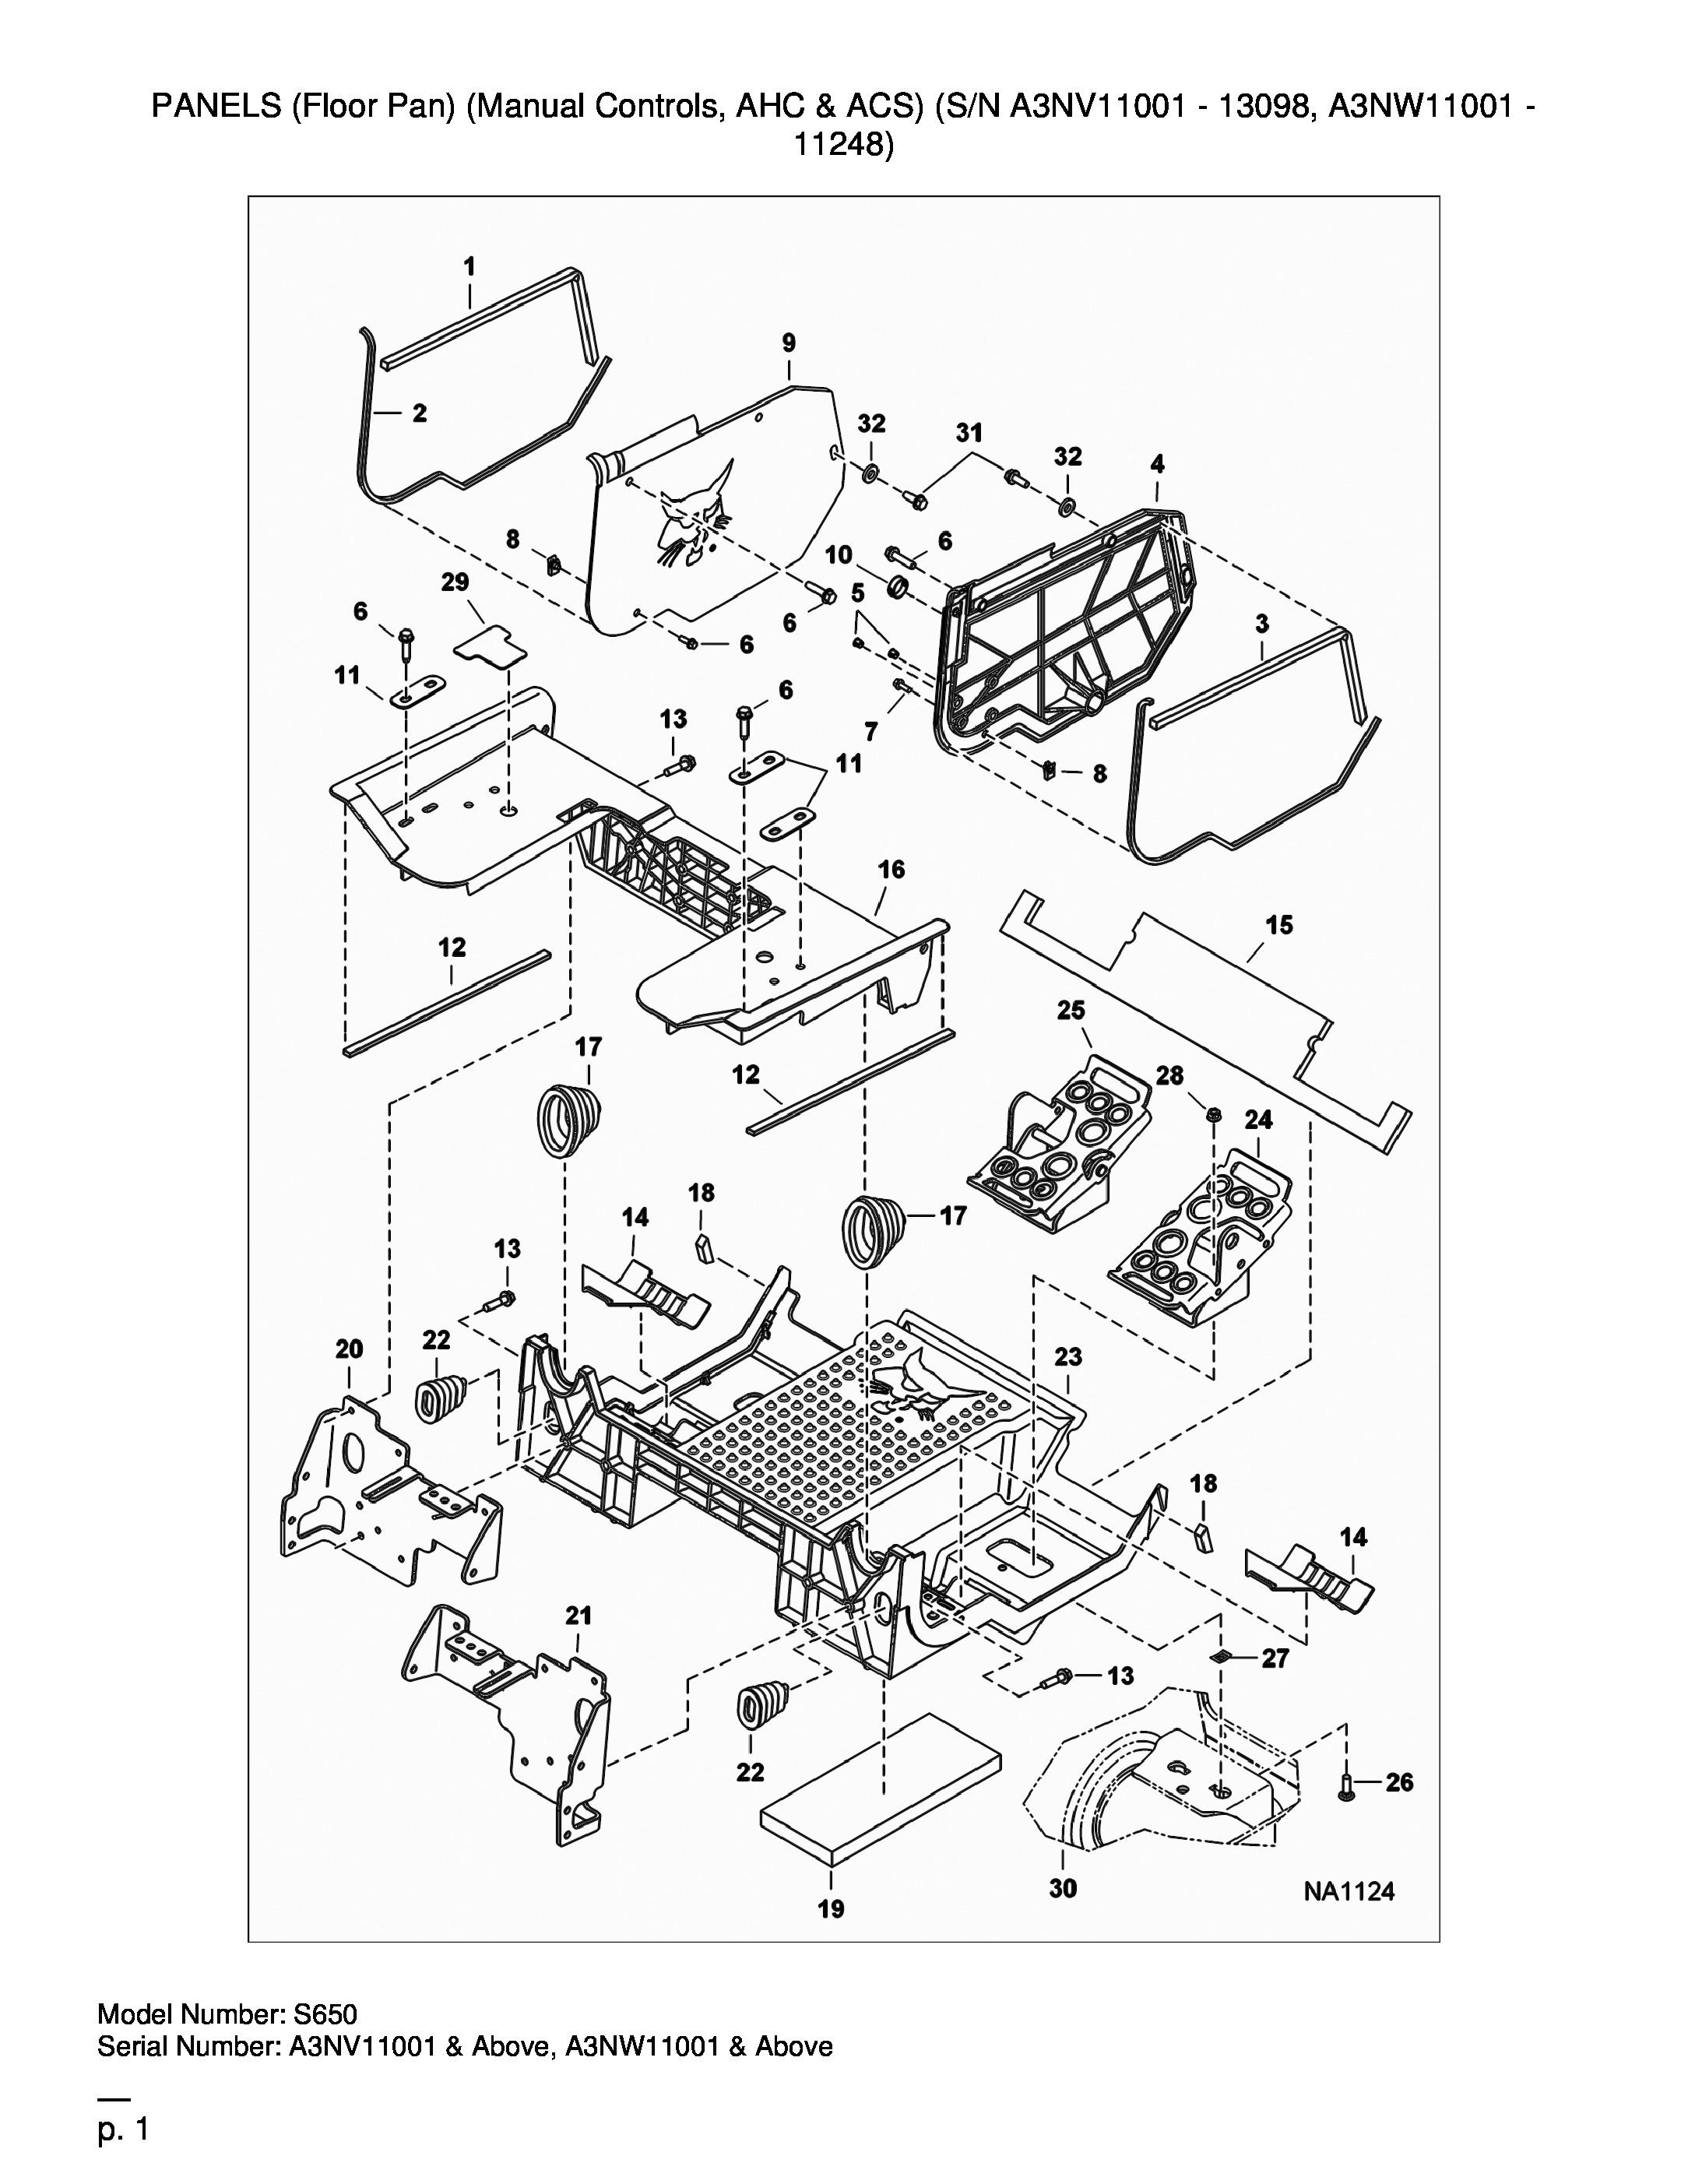 TABLEAU DE BORDS (Floor Pan) (Manual Controls, AHC & ACS